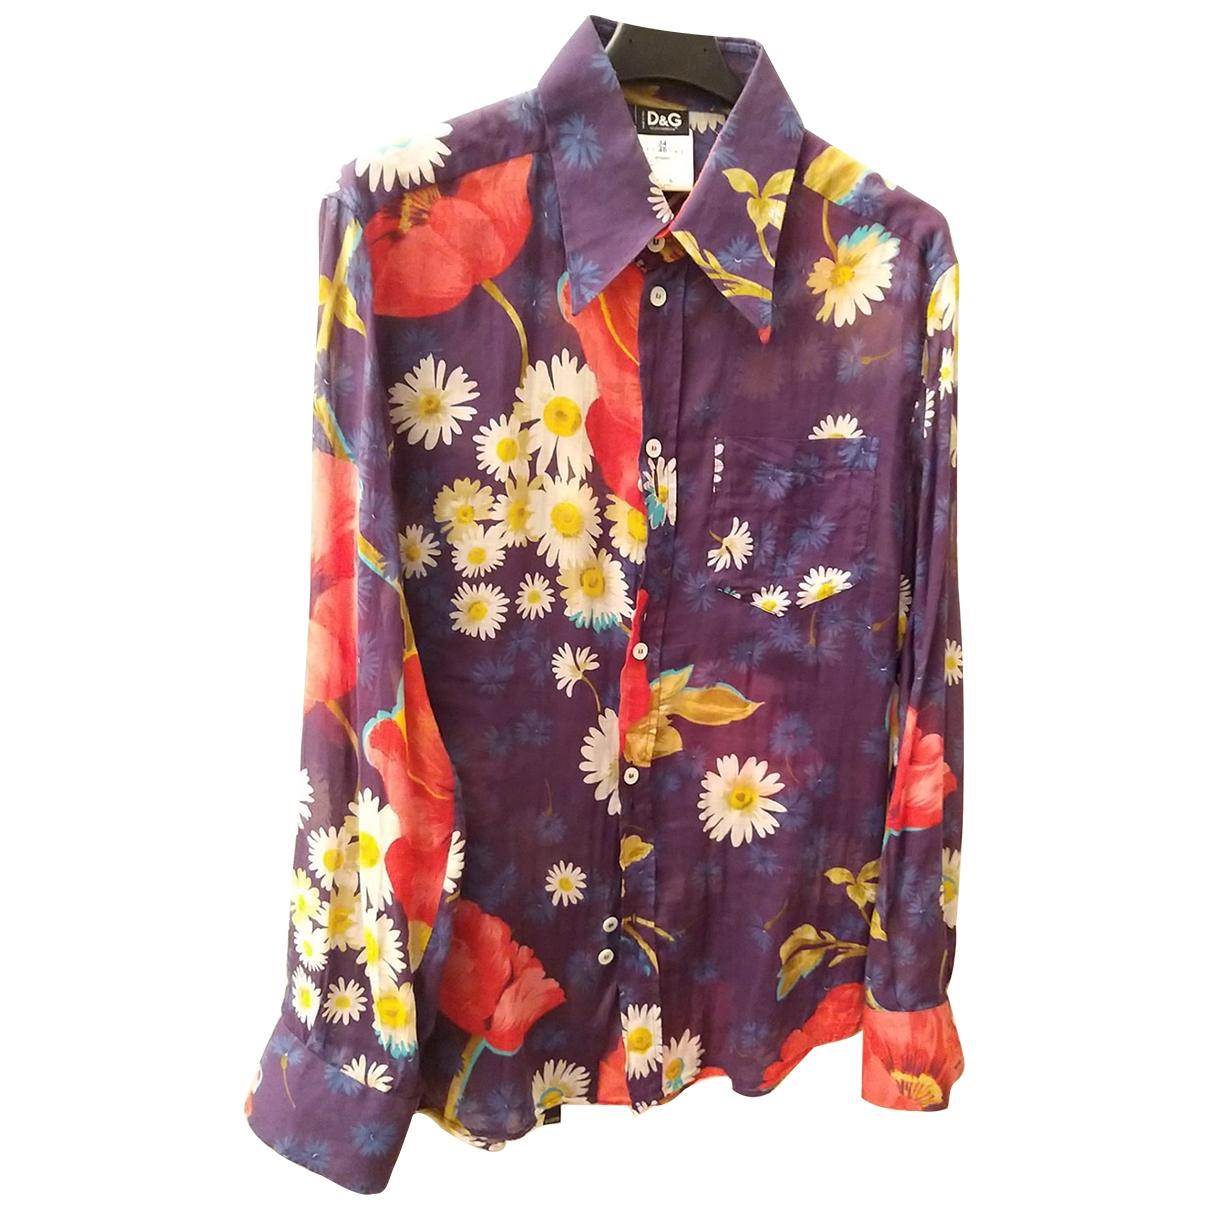 D&g \N Multicolour Cotton Shirts for Men M International